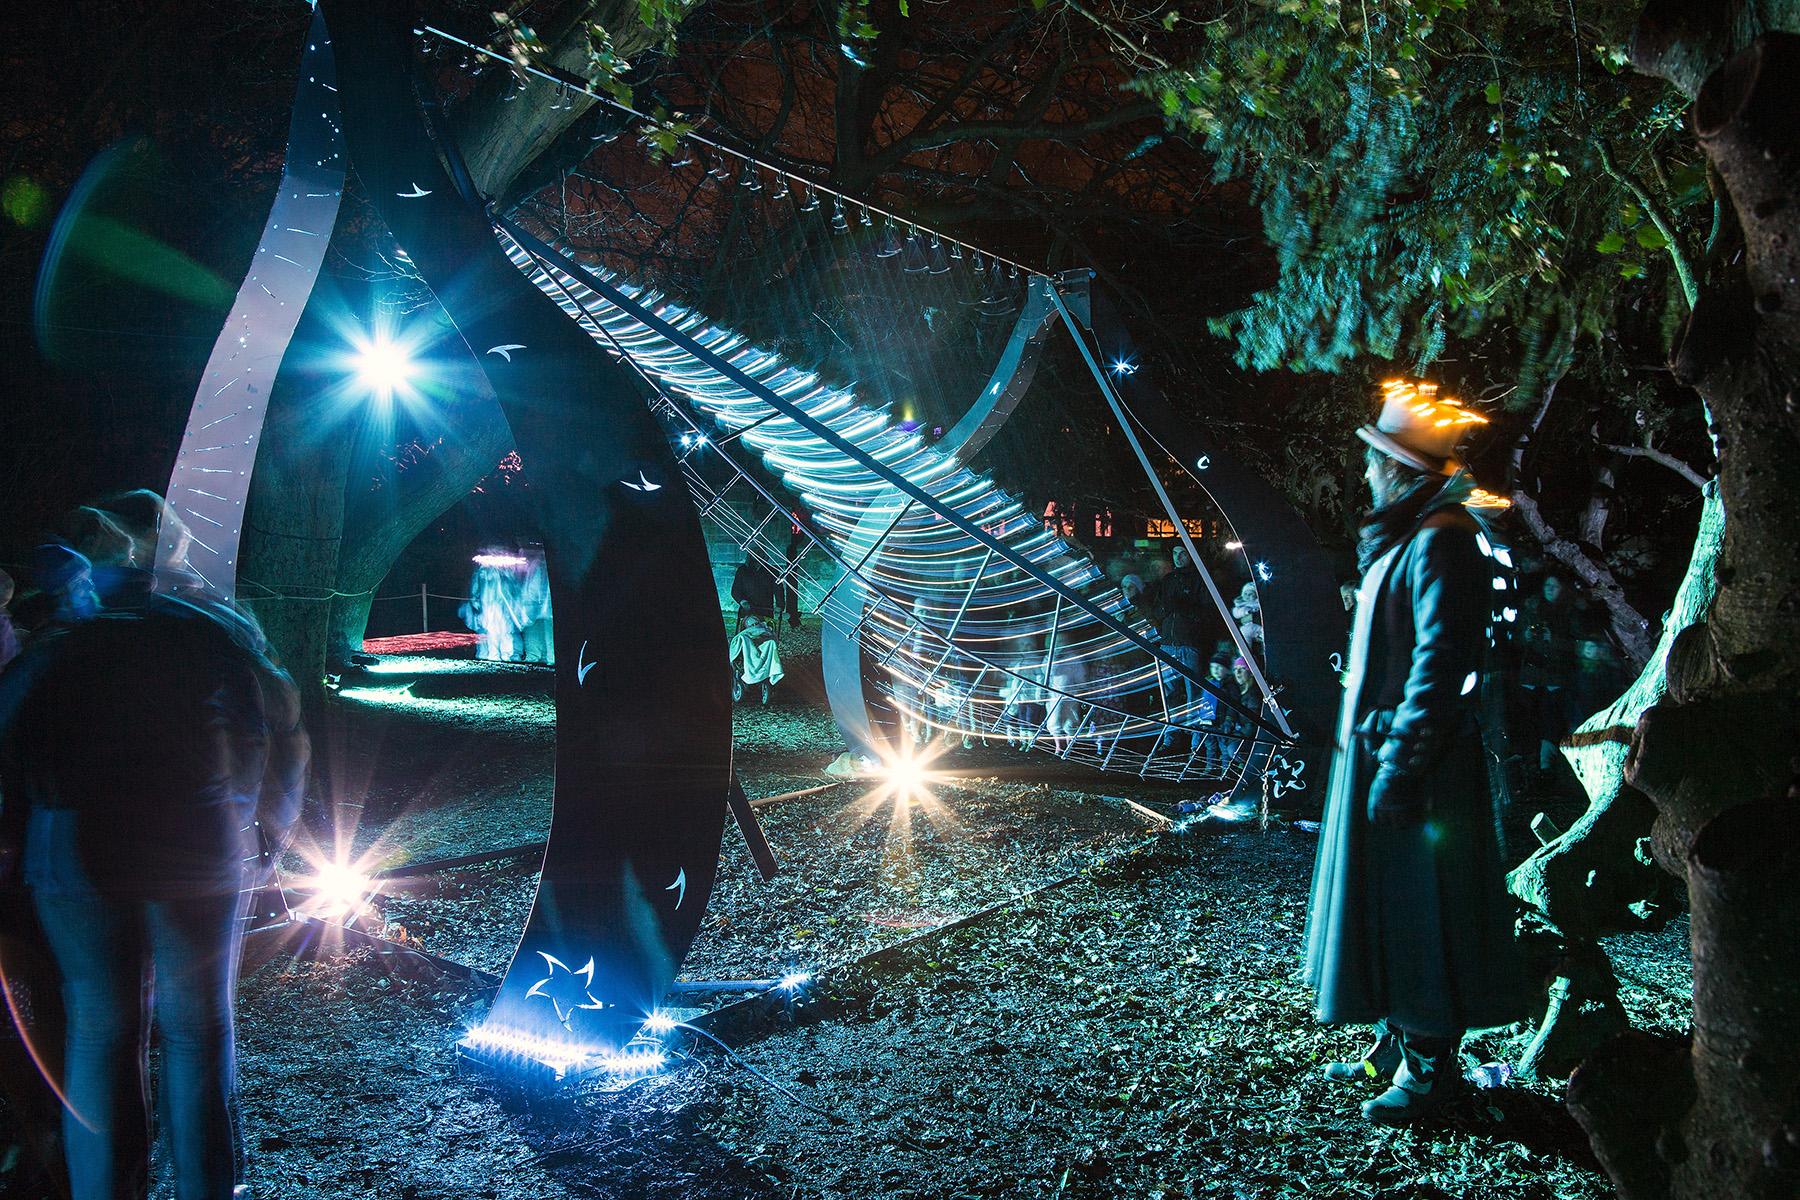 Pendulum Wave Machine at Night